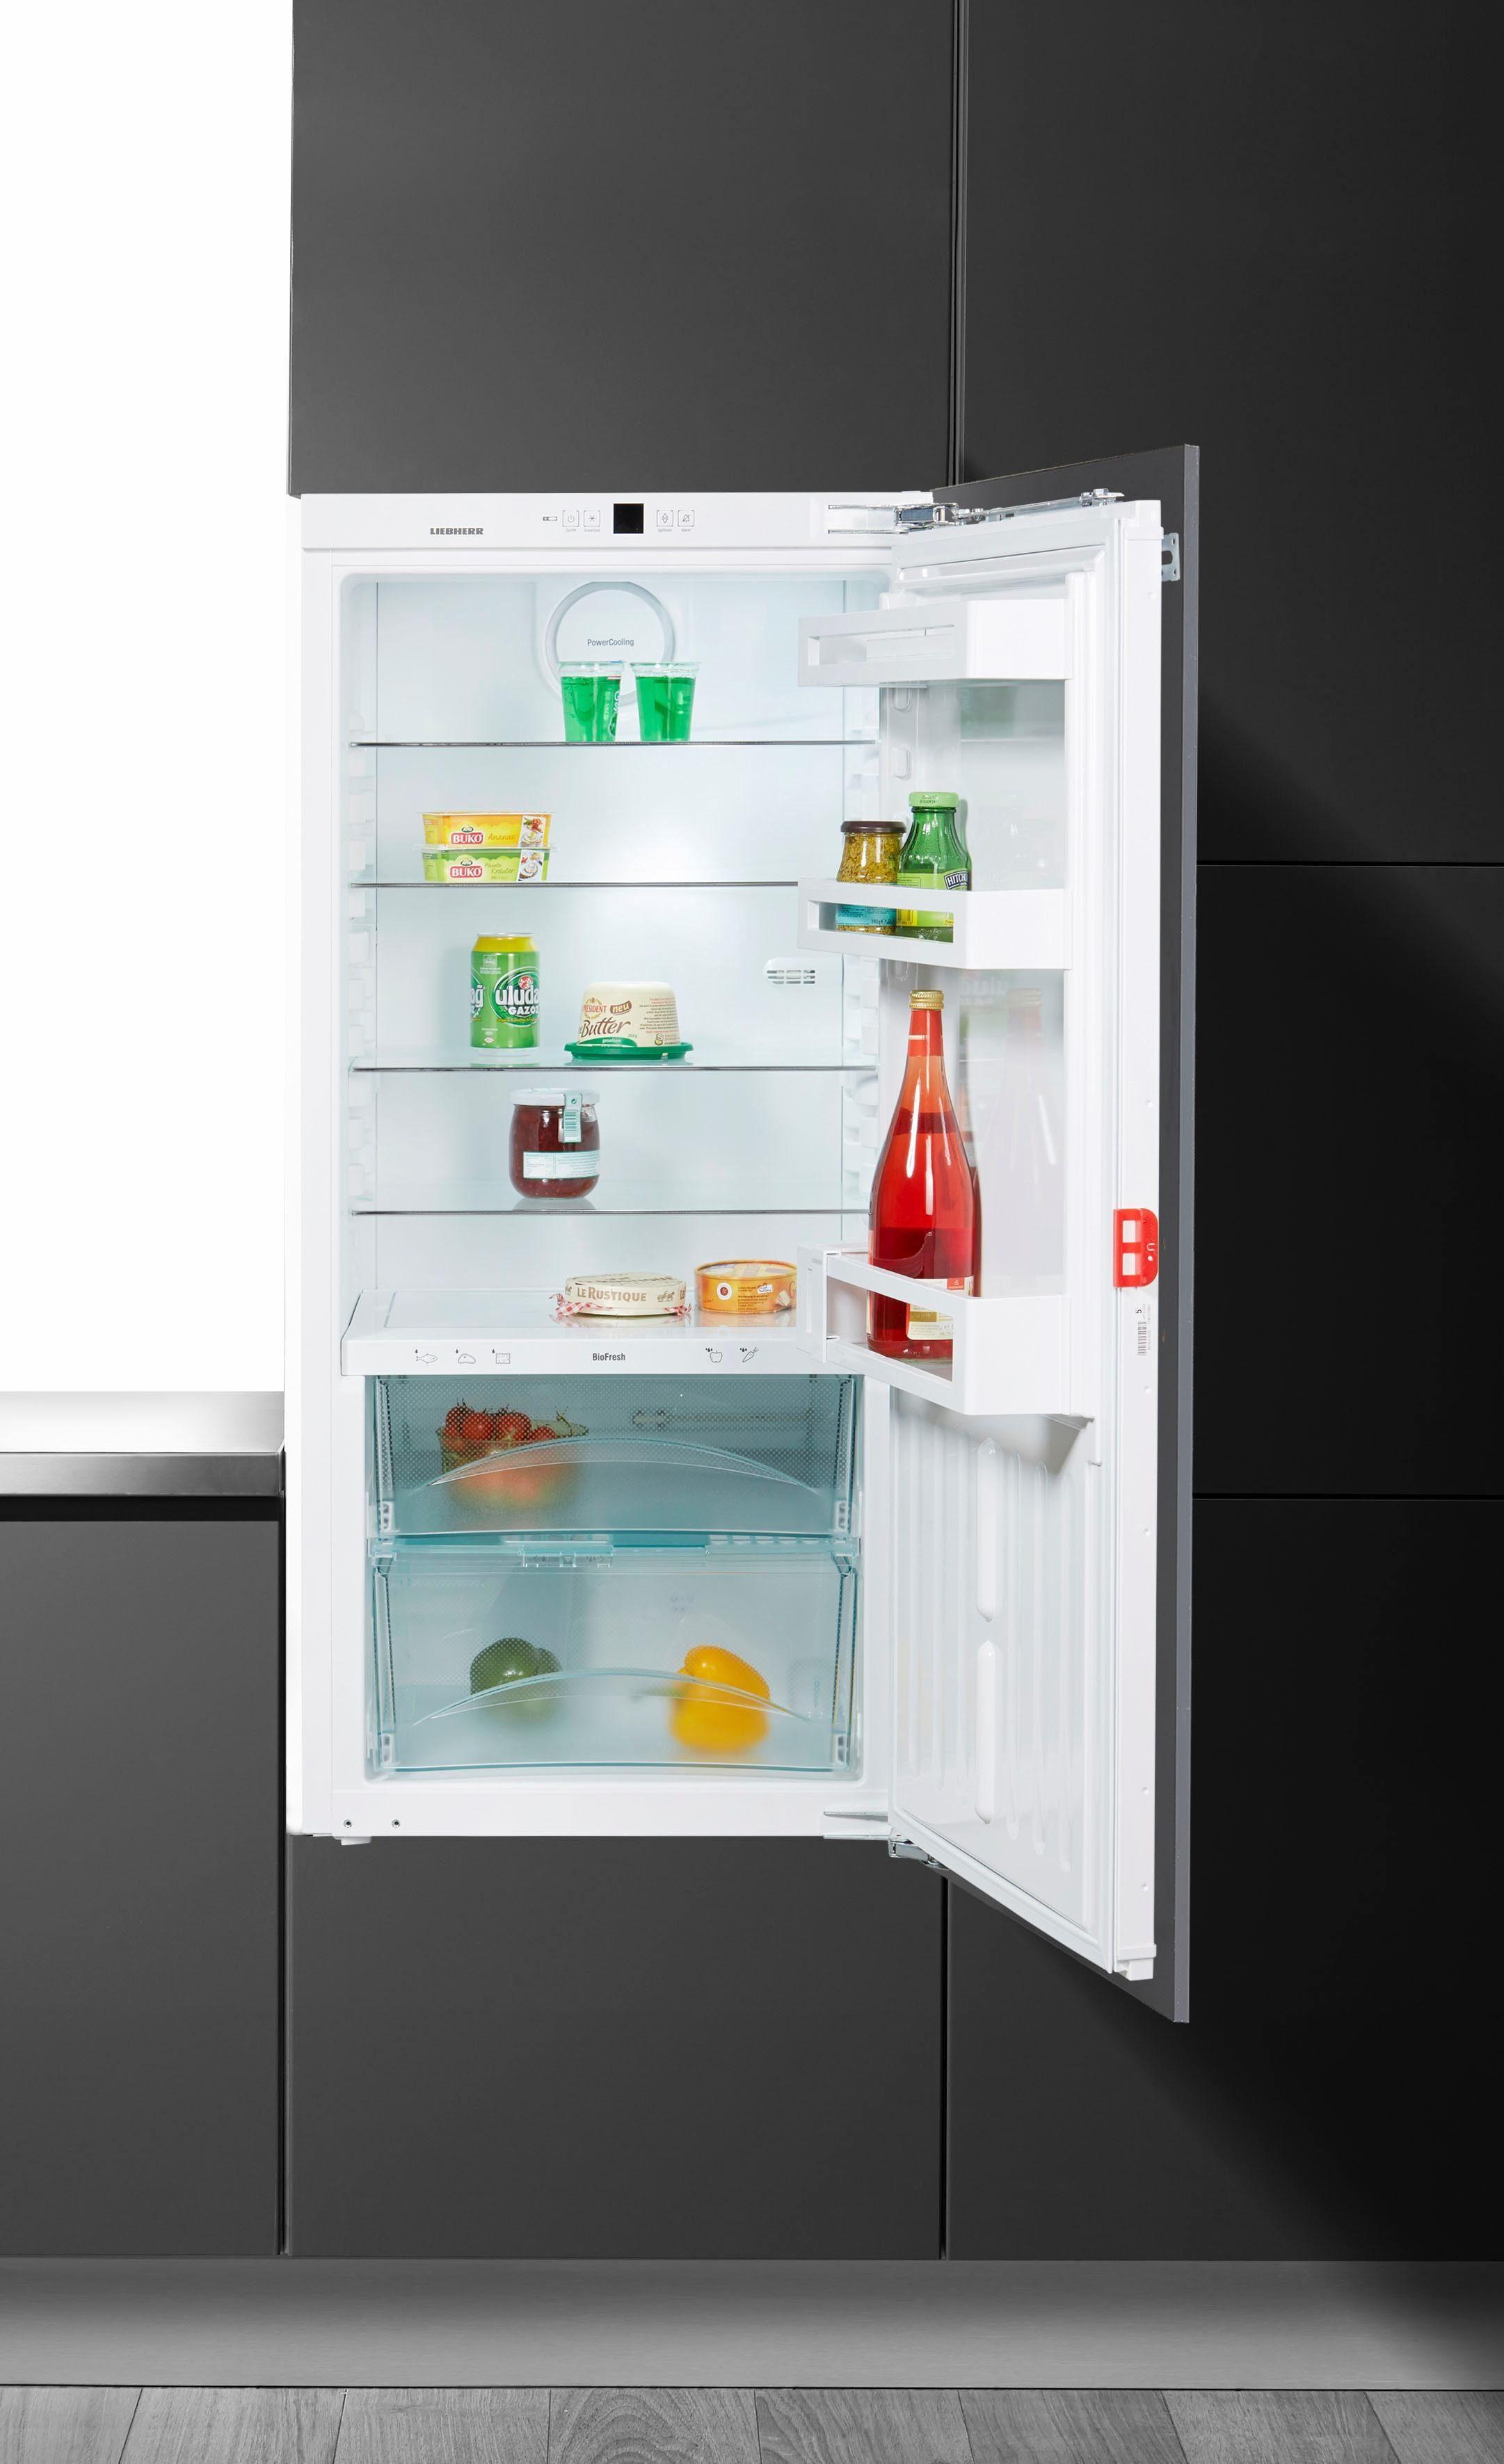 Liebherr Einbaukühlschrank IKBP 2320, 121,8 cm hoch, 55,9 cm breit, Energieklasse A+++, 121,8 cm hoch, BioFresh, integrierbar